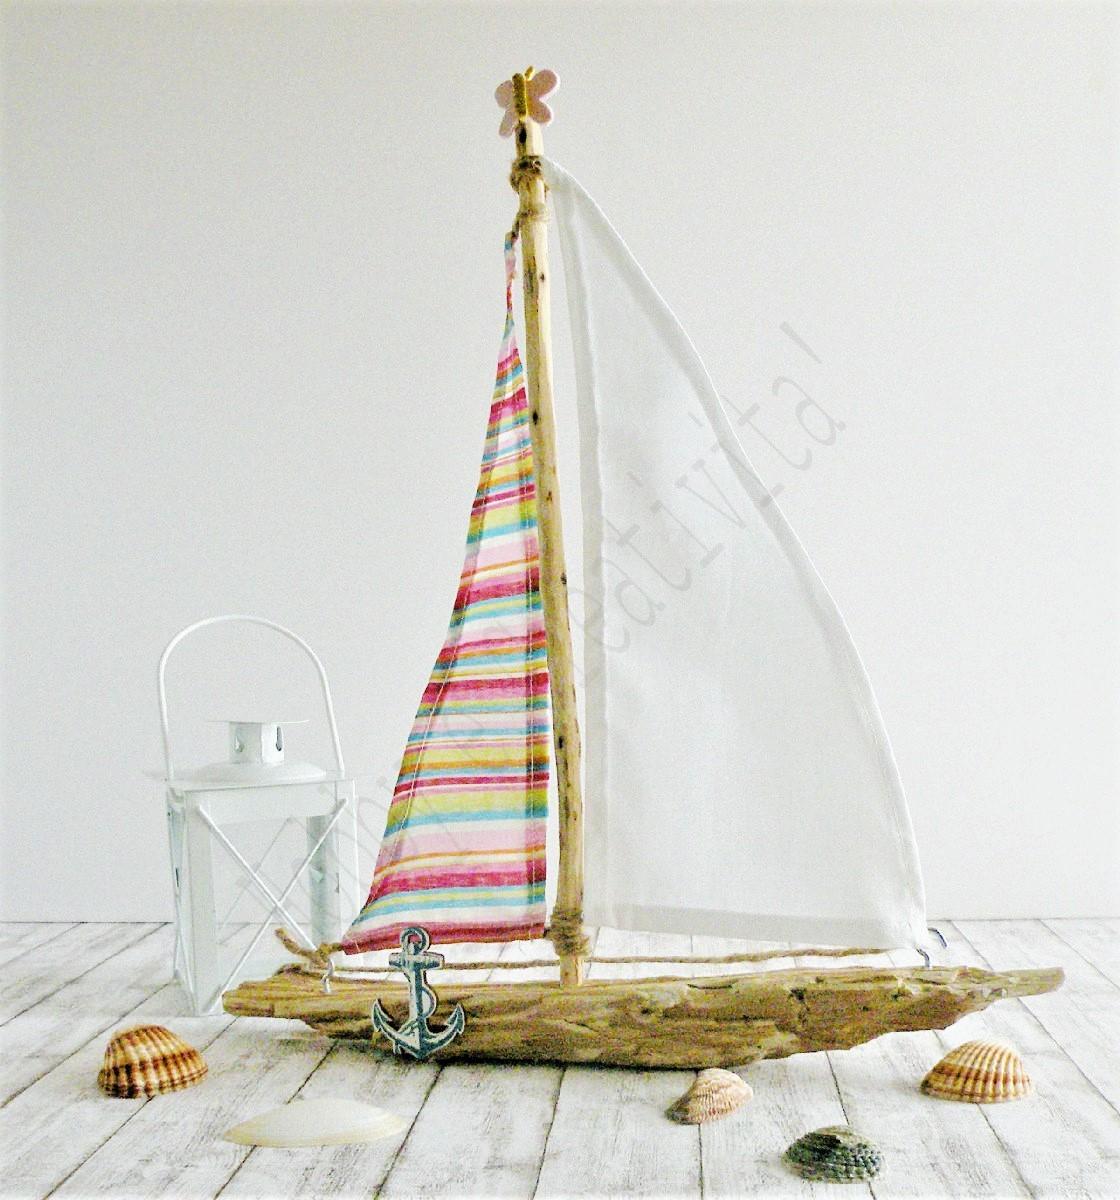 barca a vela fai da te